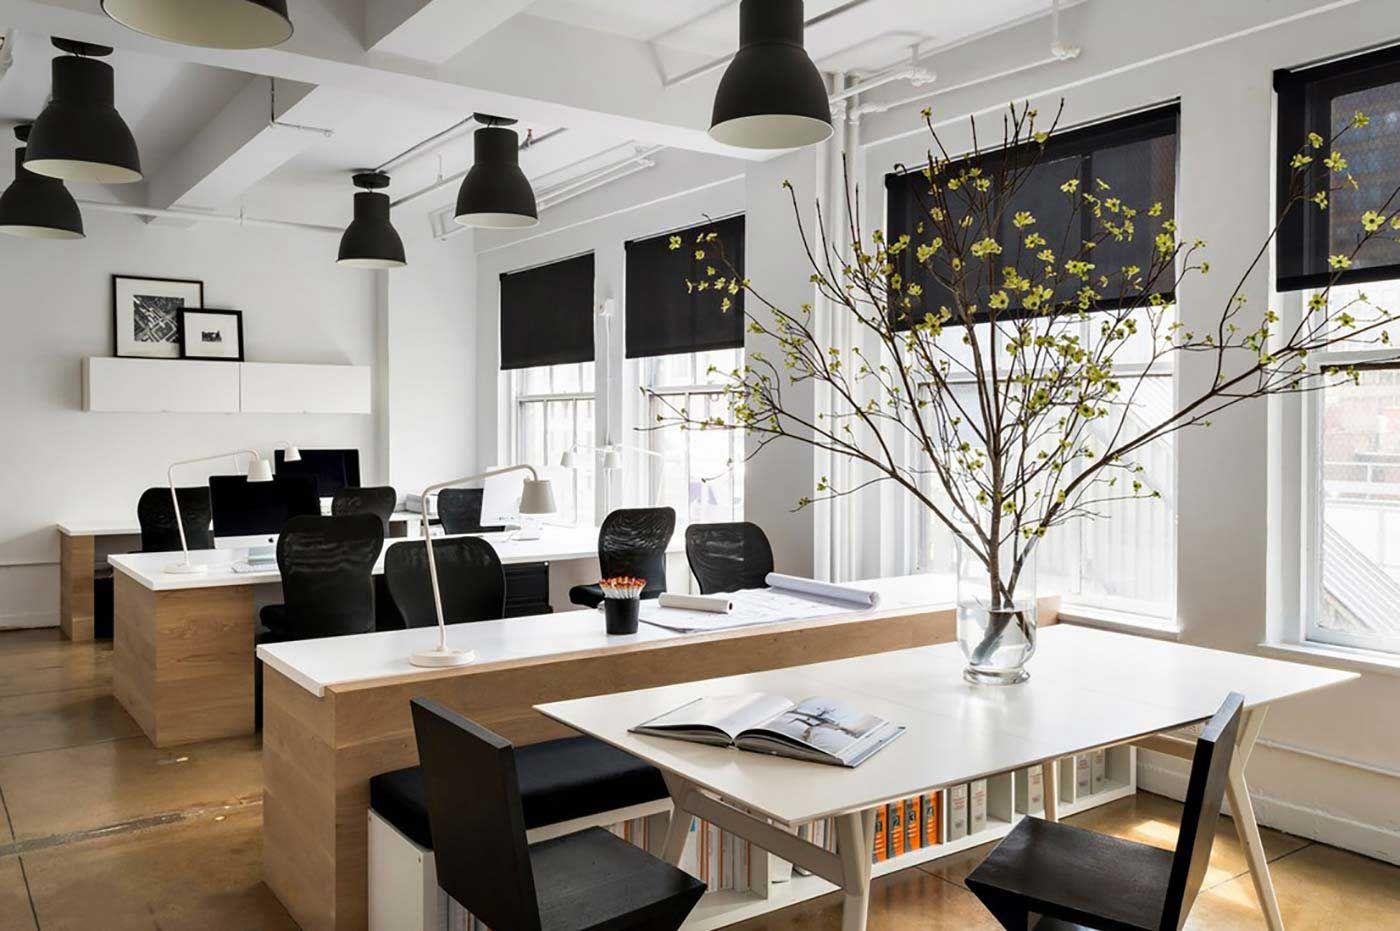 14 Amazing Office Interior Design Pinterest Modern Office Interiors Modern Office Space Architect Office Design